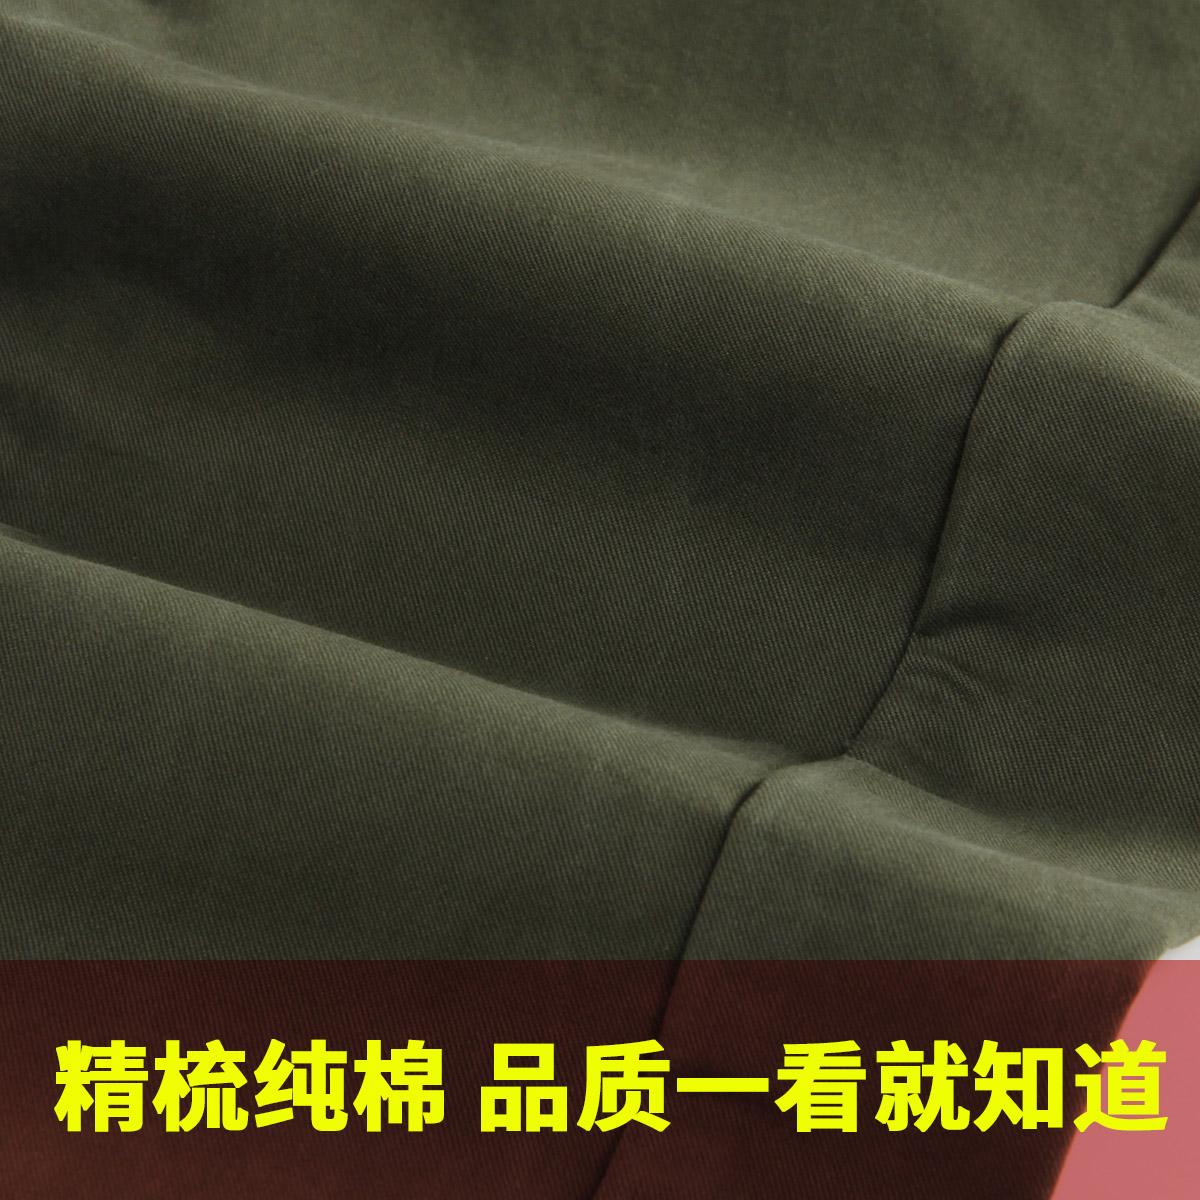 高品质 秋冬季纯棉男士休闲裤男 修身直筒韩版潮流男裤军绿色裤子